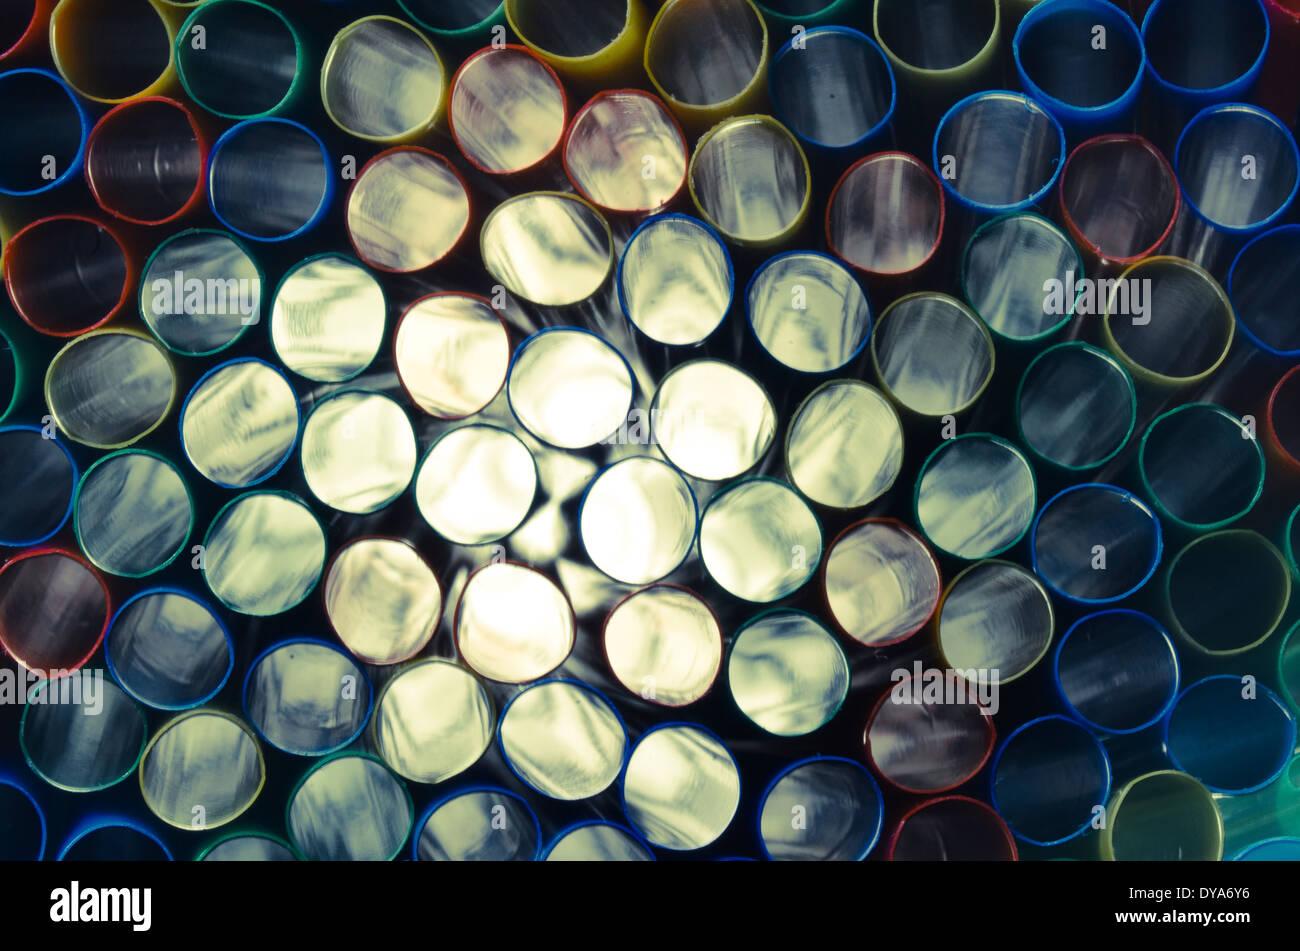 Abstrait, proche de l'image, colorée, pailles, gris, éclairé, de la paille, des anneaux, des cercles Photo Stock